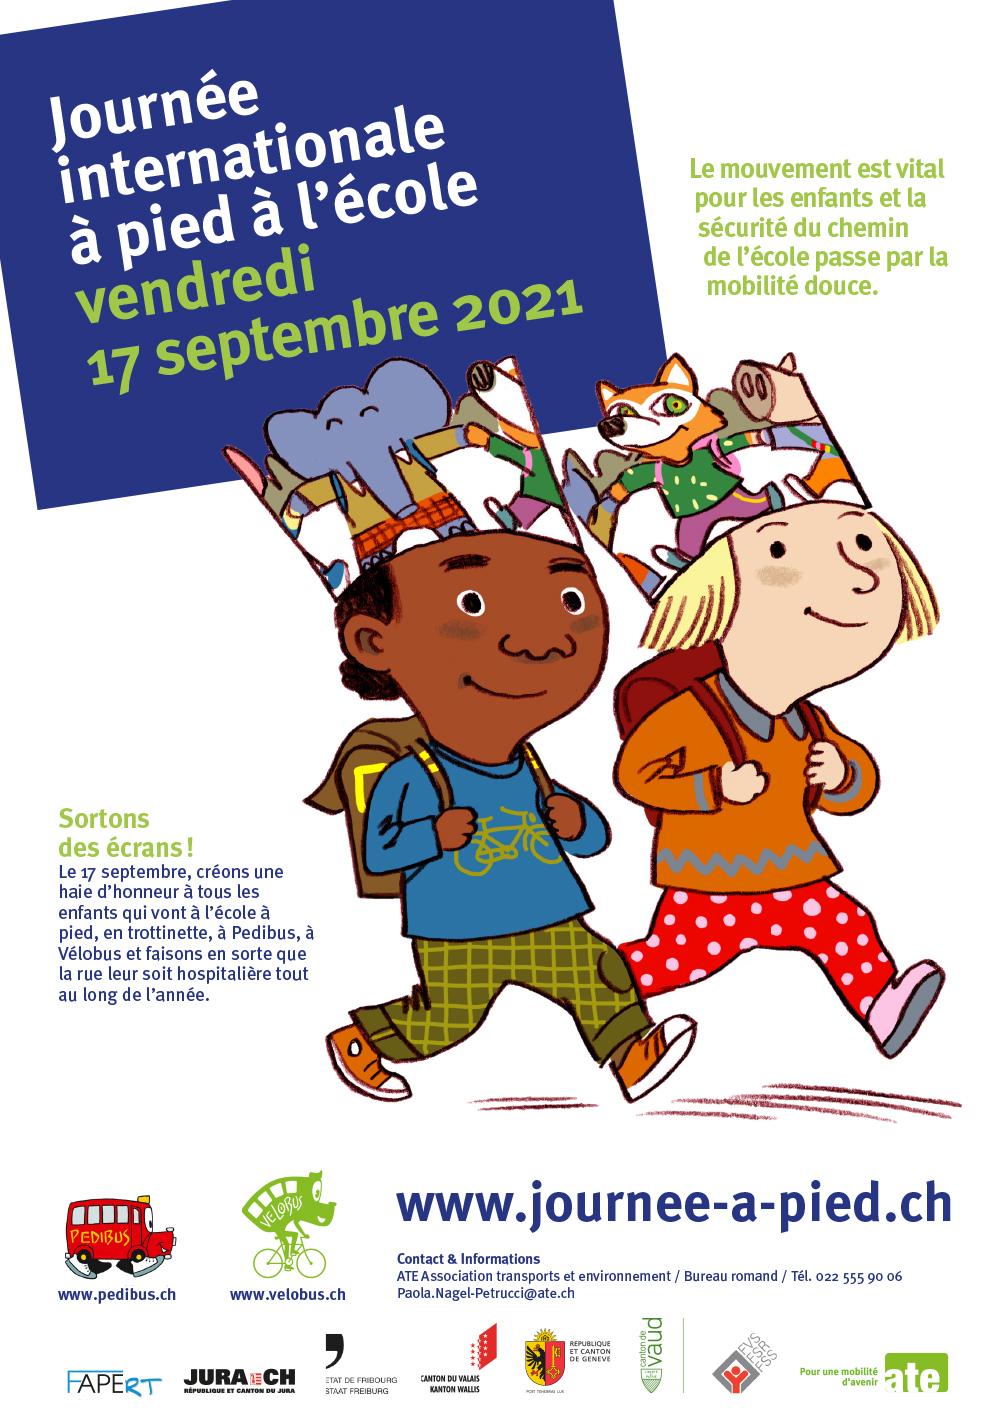 Journée internationale à pied à l'école 2021